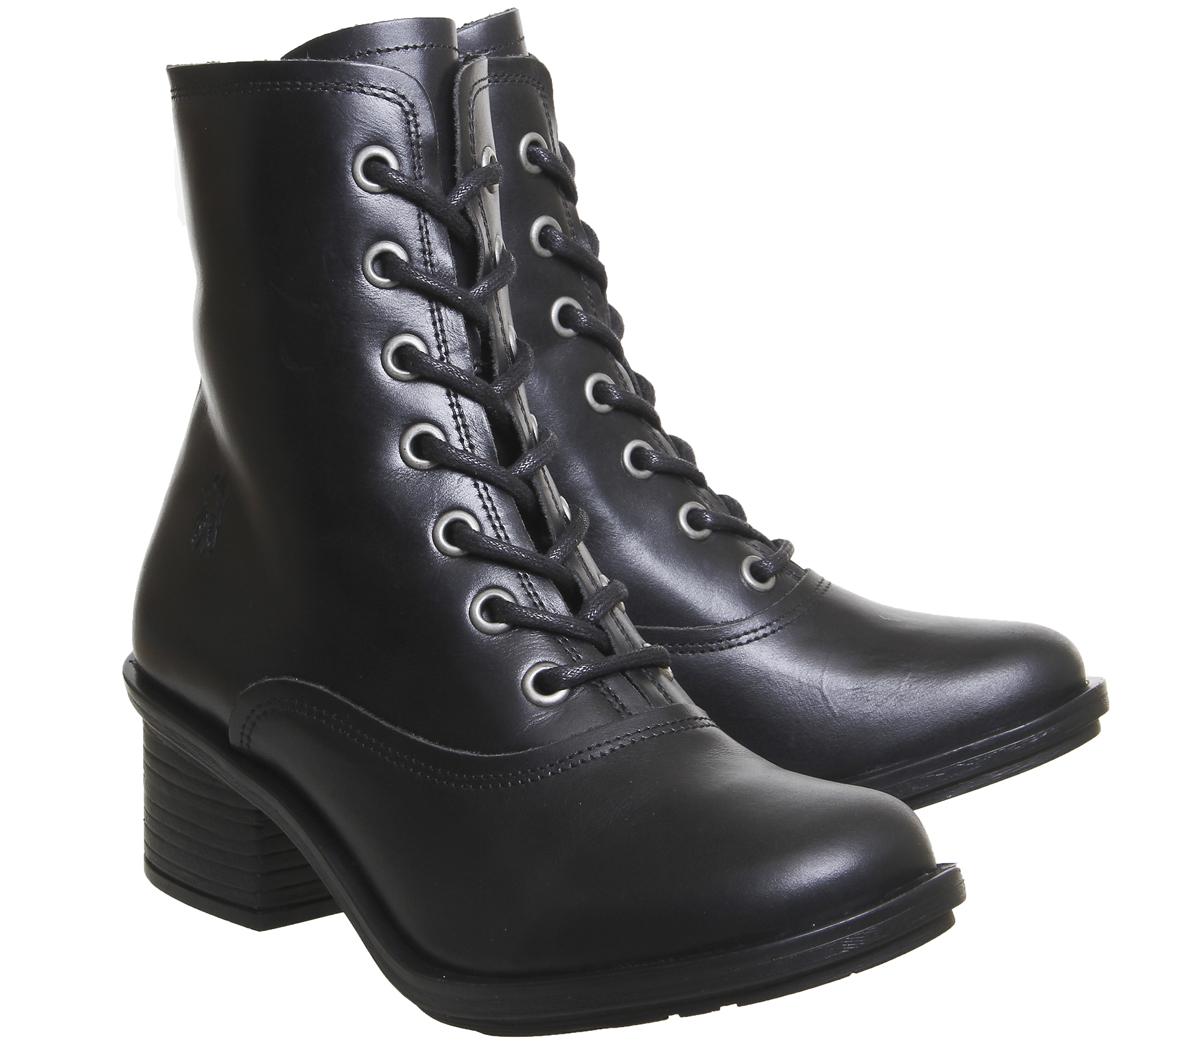 Damenschuhe Stiefel Fly London Carm Lace Stiefel Damenschuhe BLACK RUG Stiefel add9af